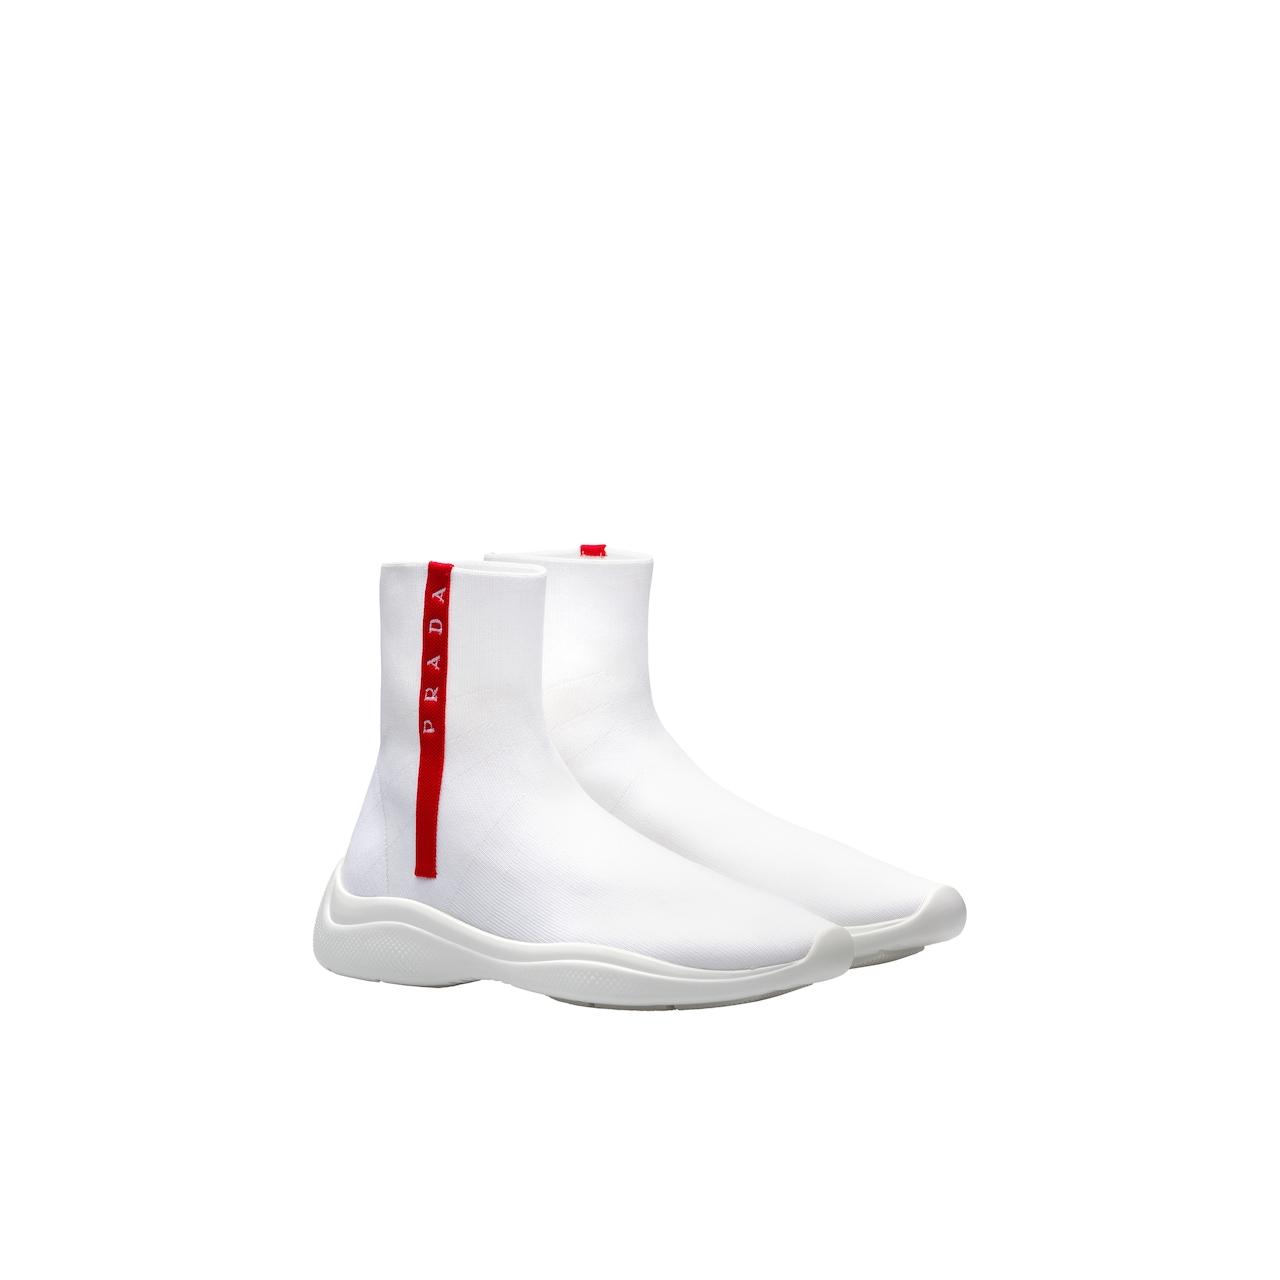 Prada Fabric high-top sneakers 1